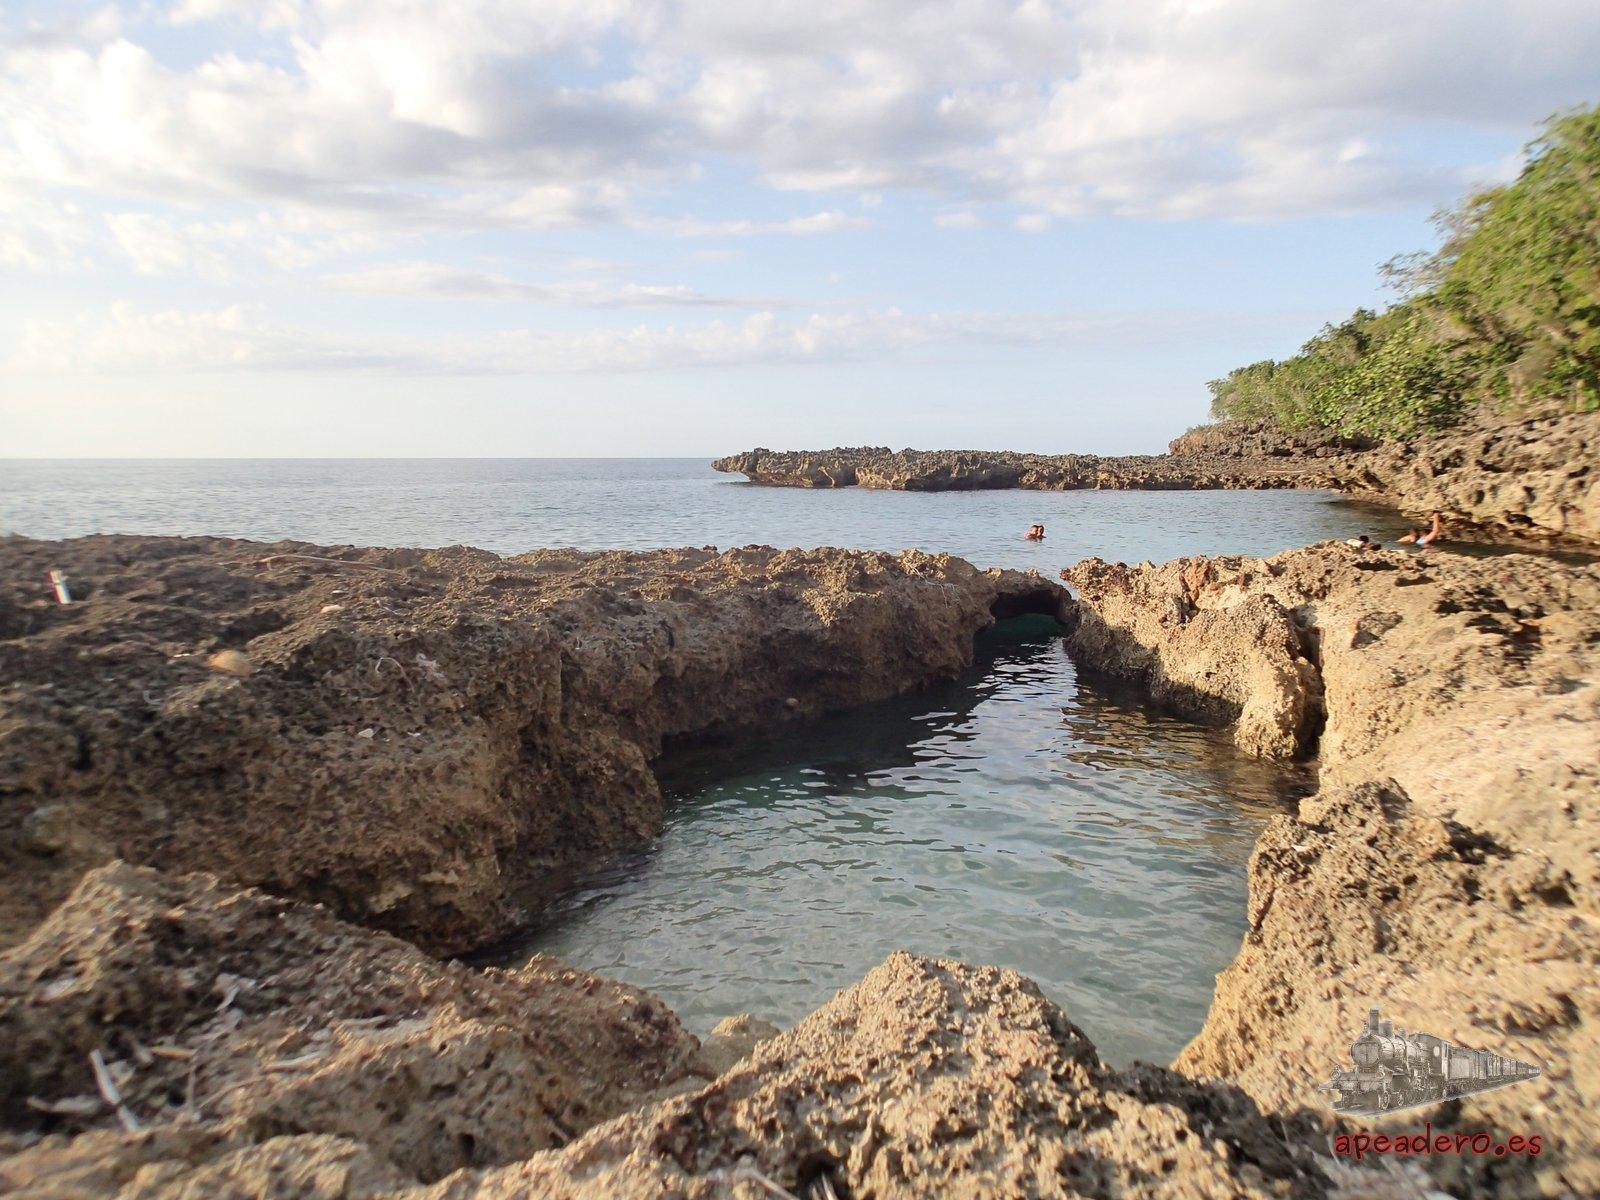 La playa blanca es un ejemplo de un lugar que no es gratis en Baracoa